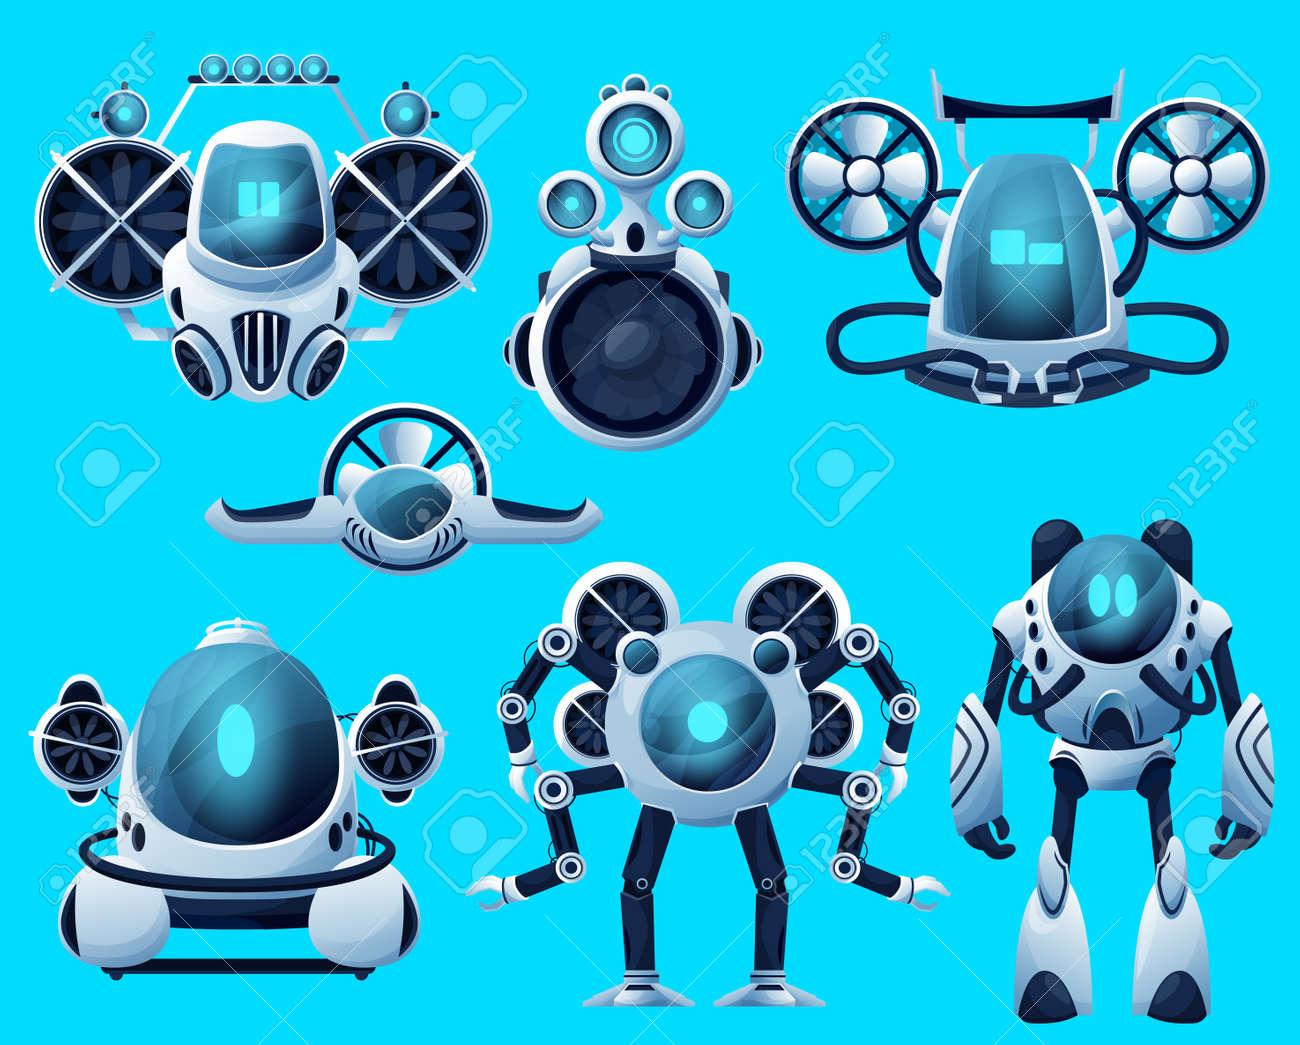 Underwater robots, cartoon submarine sea drone, ocean ROV deep water vehicles. Vector underwater robots, submersible remote control boat and futuristic bathyscaphe, undersea robotic technology - 167501929